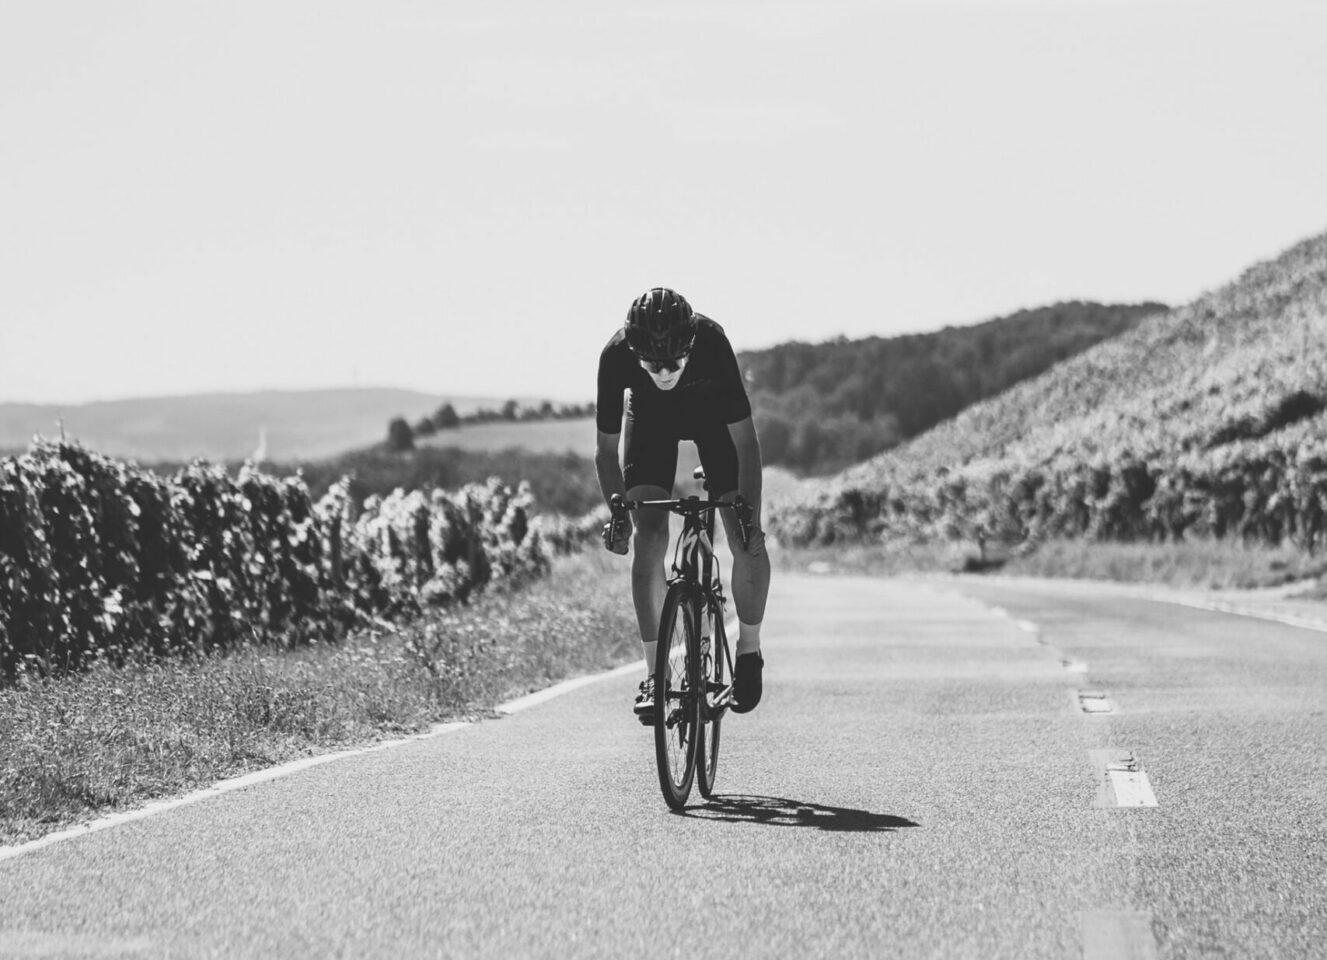 Lone cyclist training on empty road